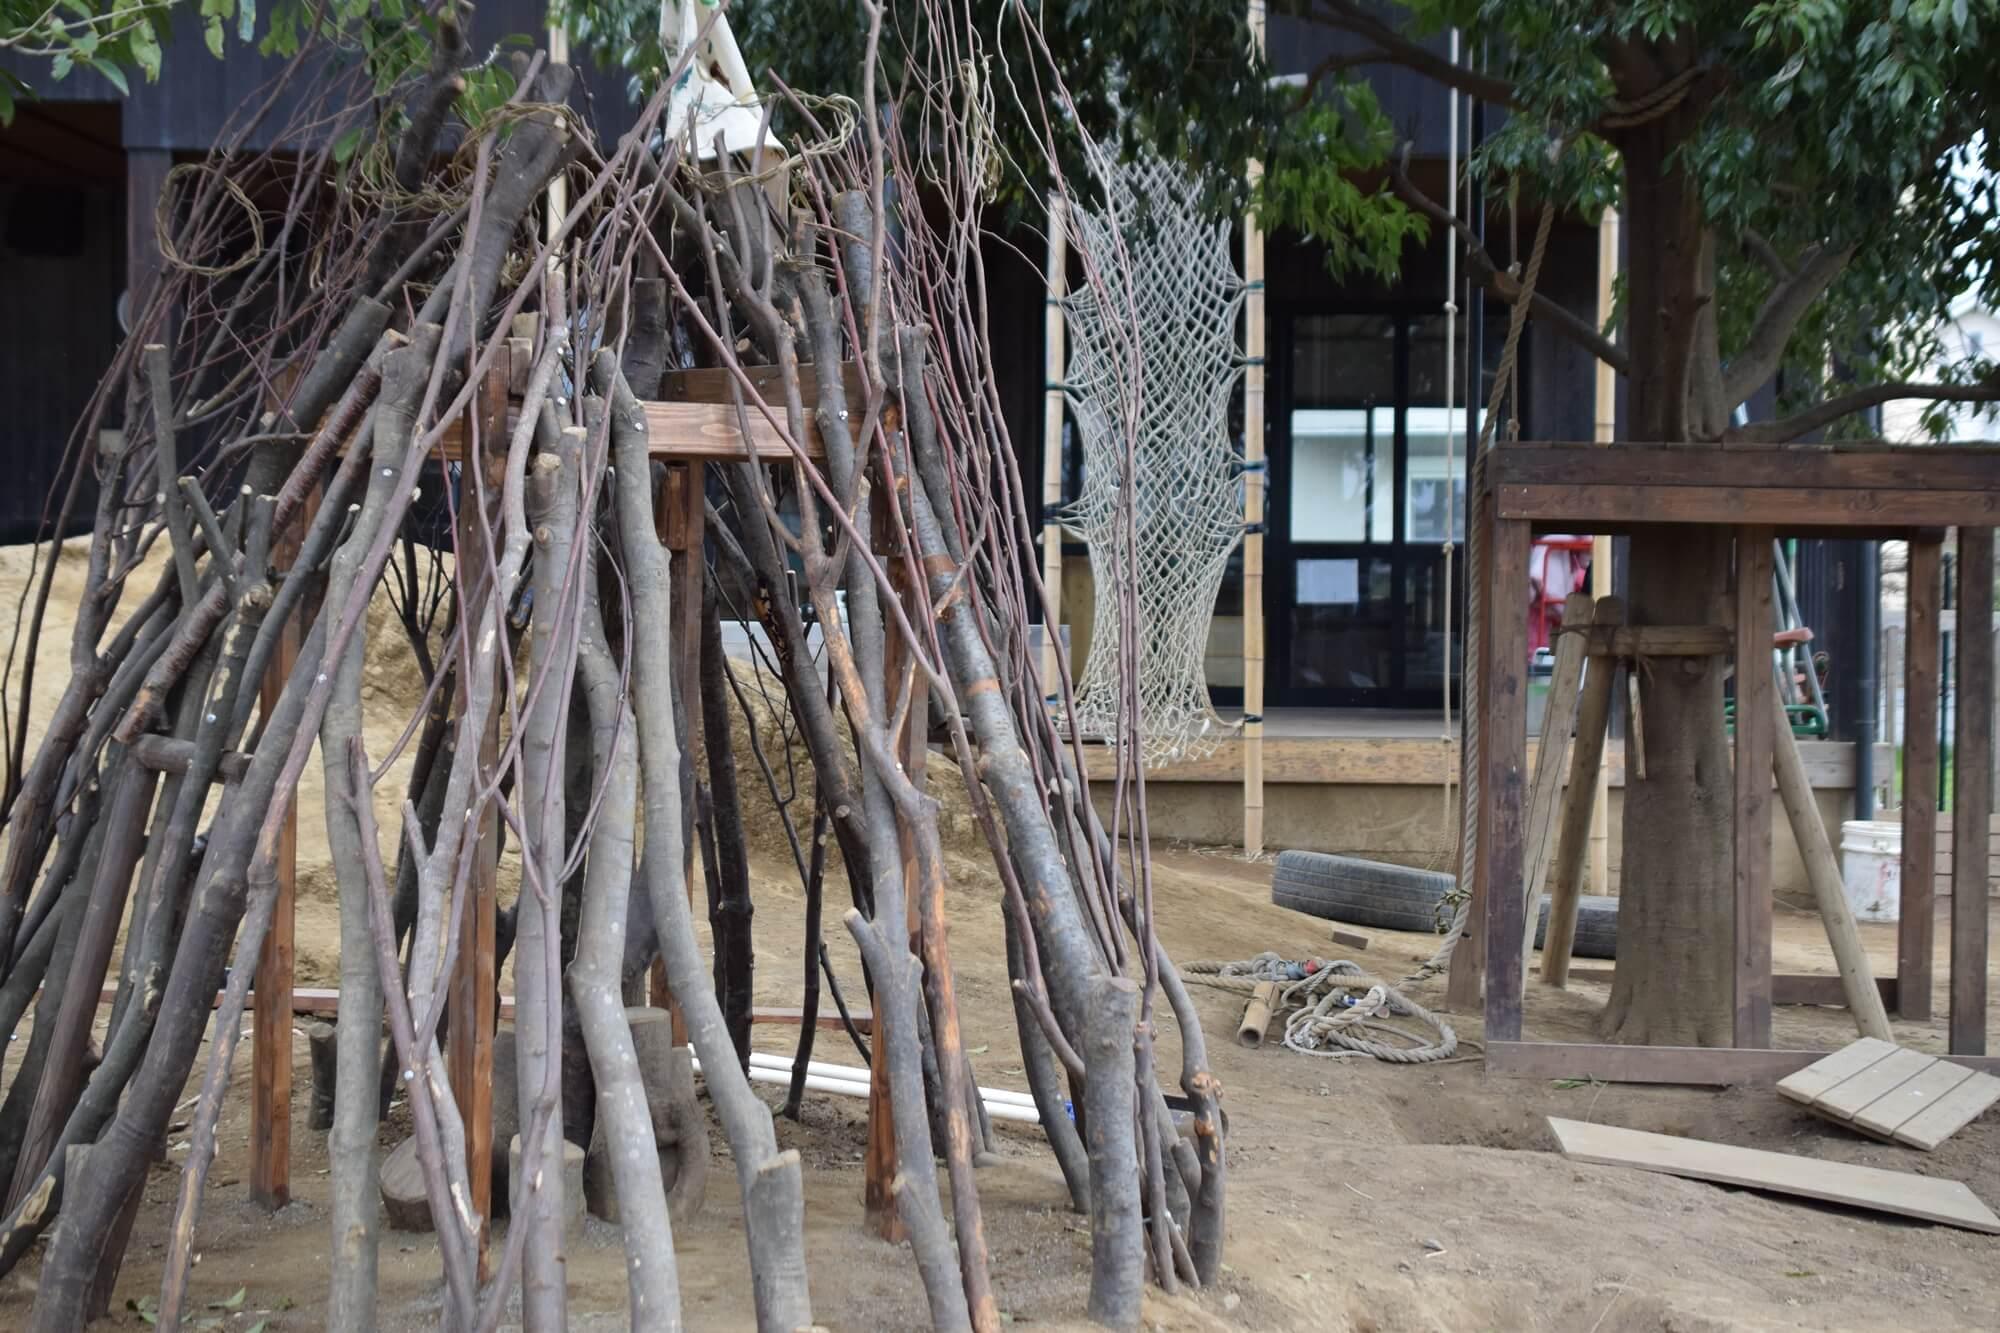 左手前は18年度卒園生が集めた木を使って作った小屋